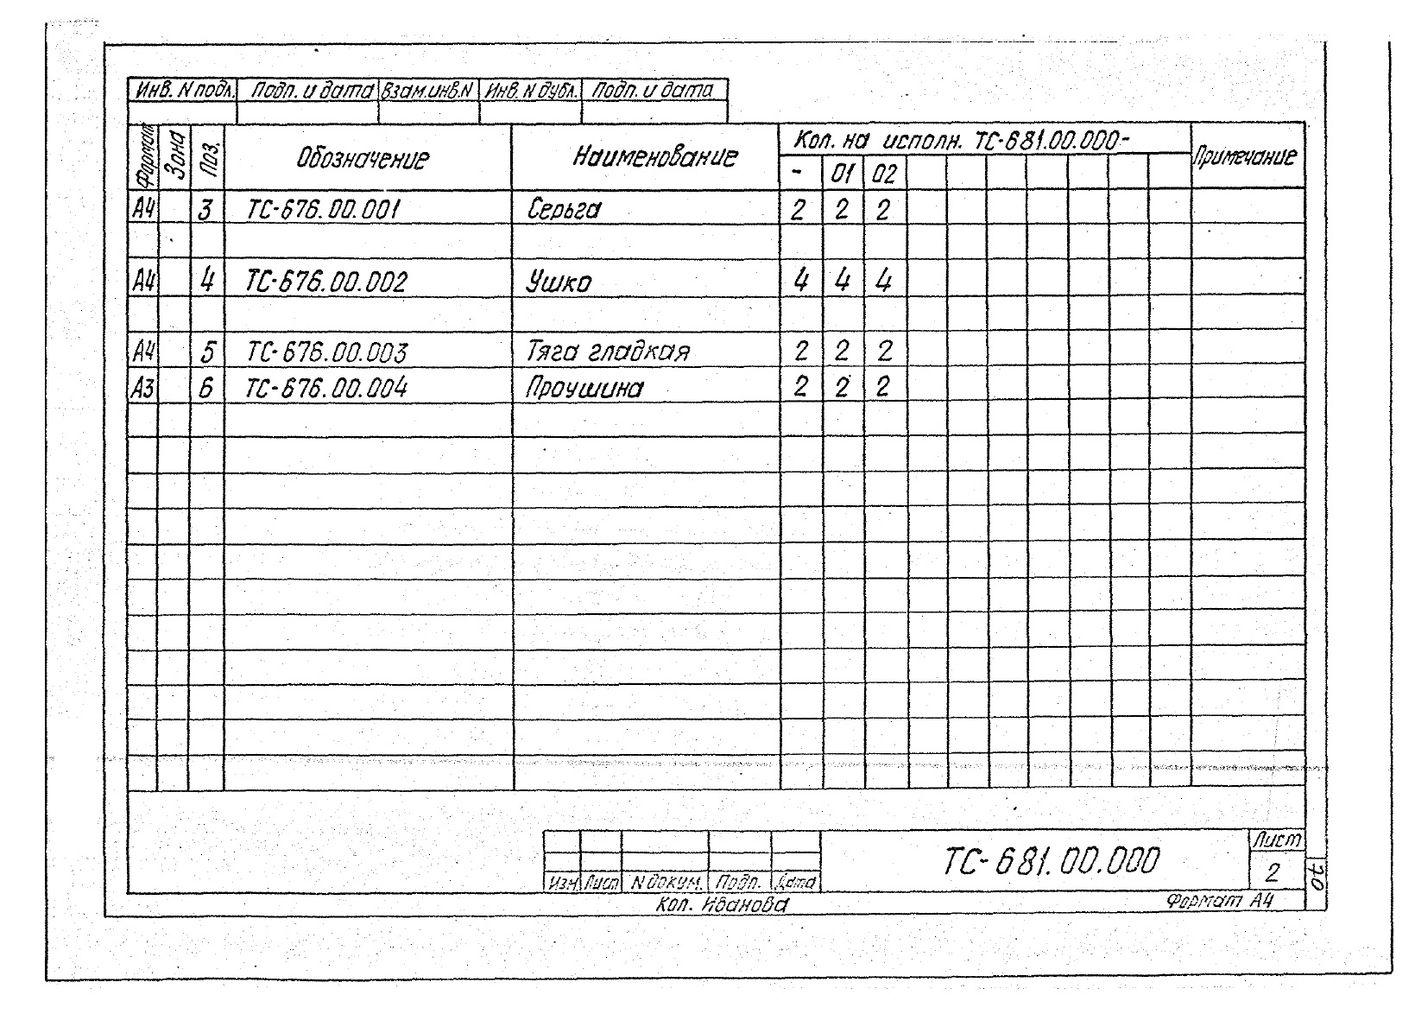 Подвески жесткие для вертикальных трубопроводов Дн 32-45 мм ТС-681.00.000 СБ серия 5.903-13 выпуск 6-95 стр.3